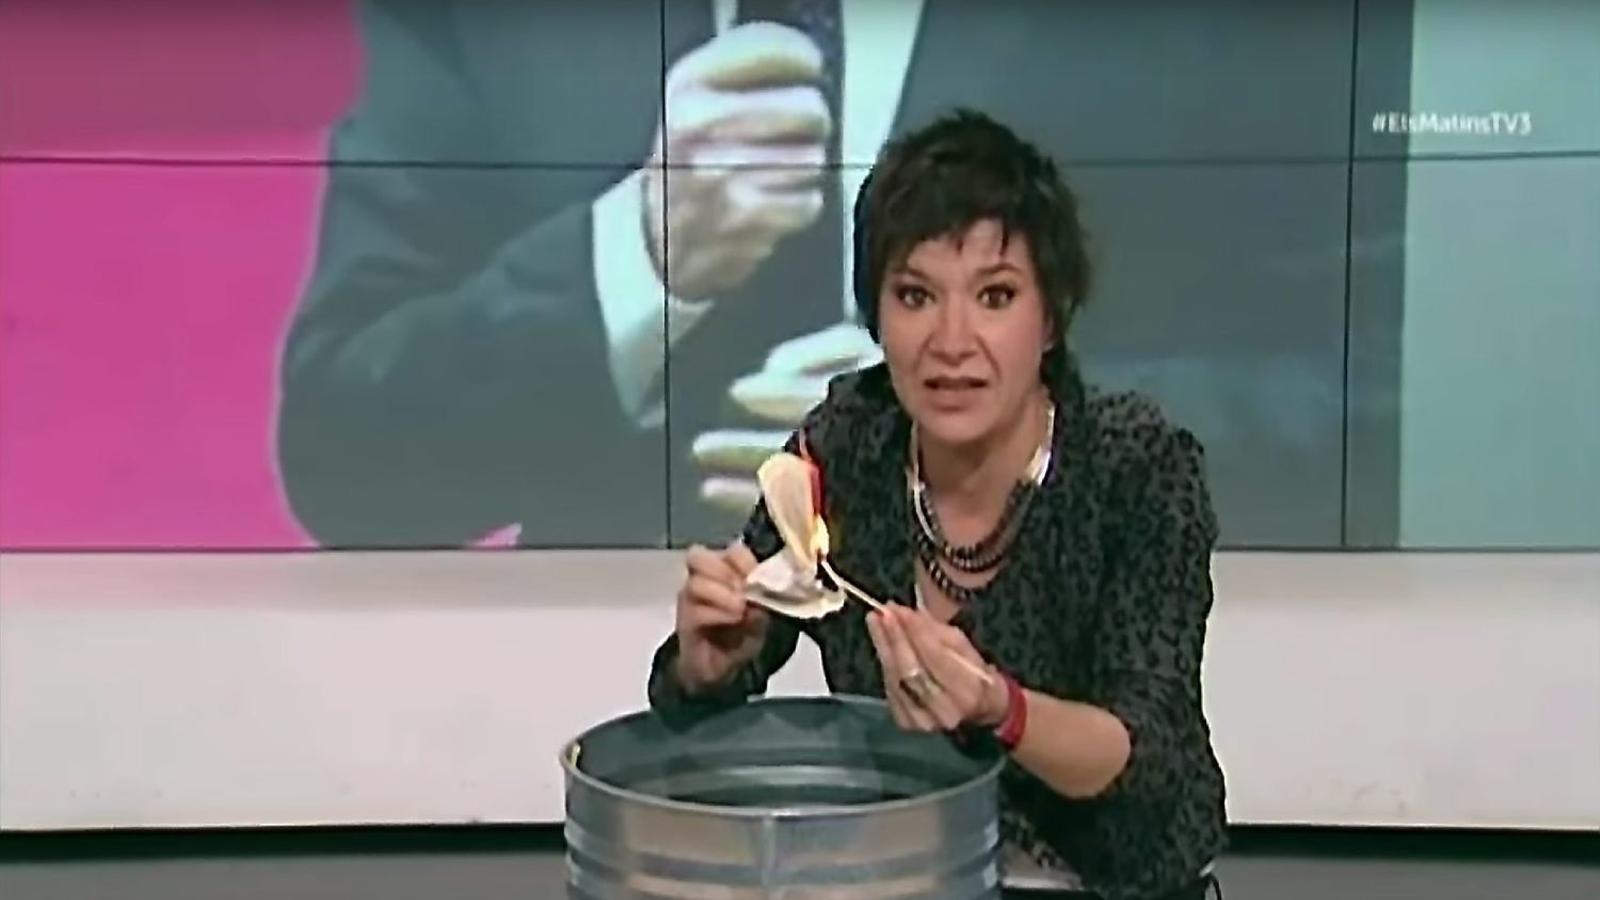 Porten al CAC Empar Moliner per cremar la Constitució a TV3